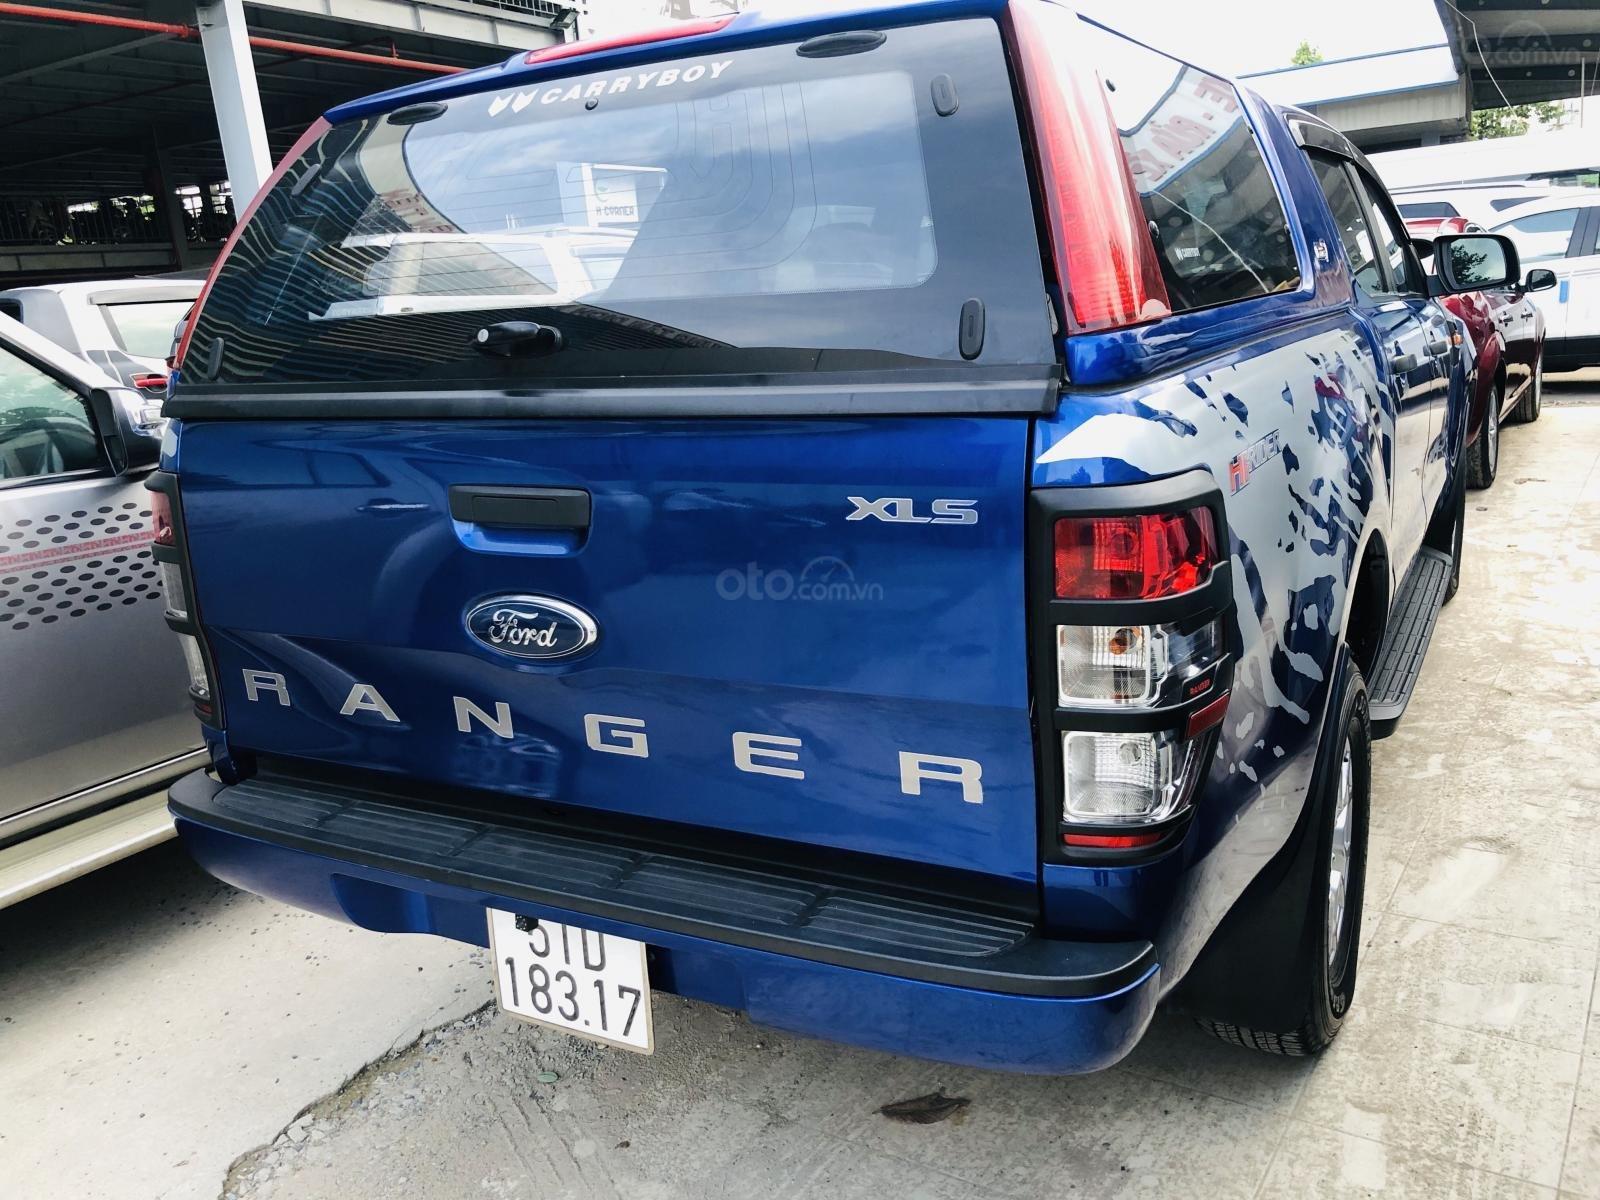 Cần bán lại xe Ford Ranger năm 2017, màu xanh lam mới 95% giá chỉ 563 triệu đồng (7)